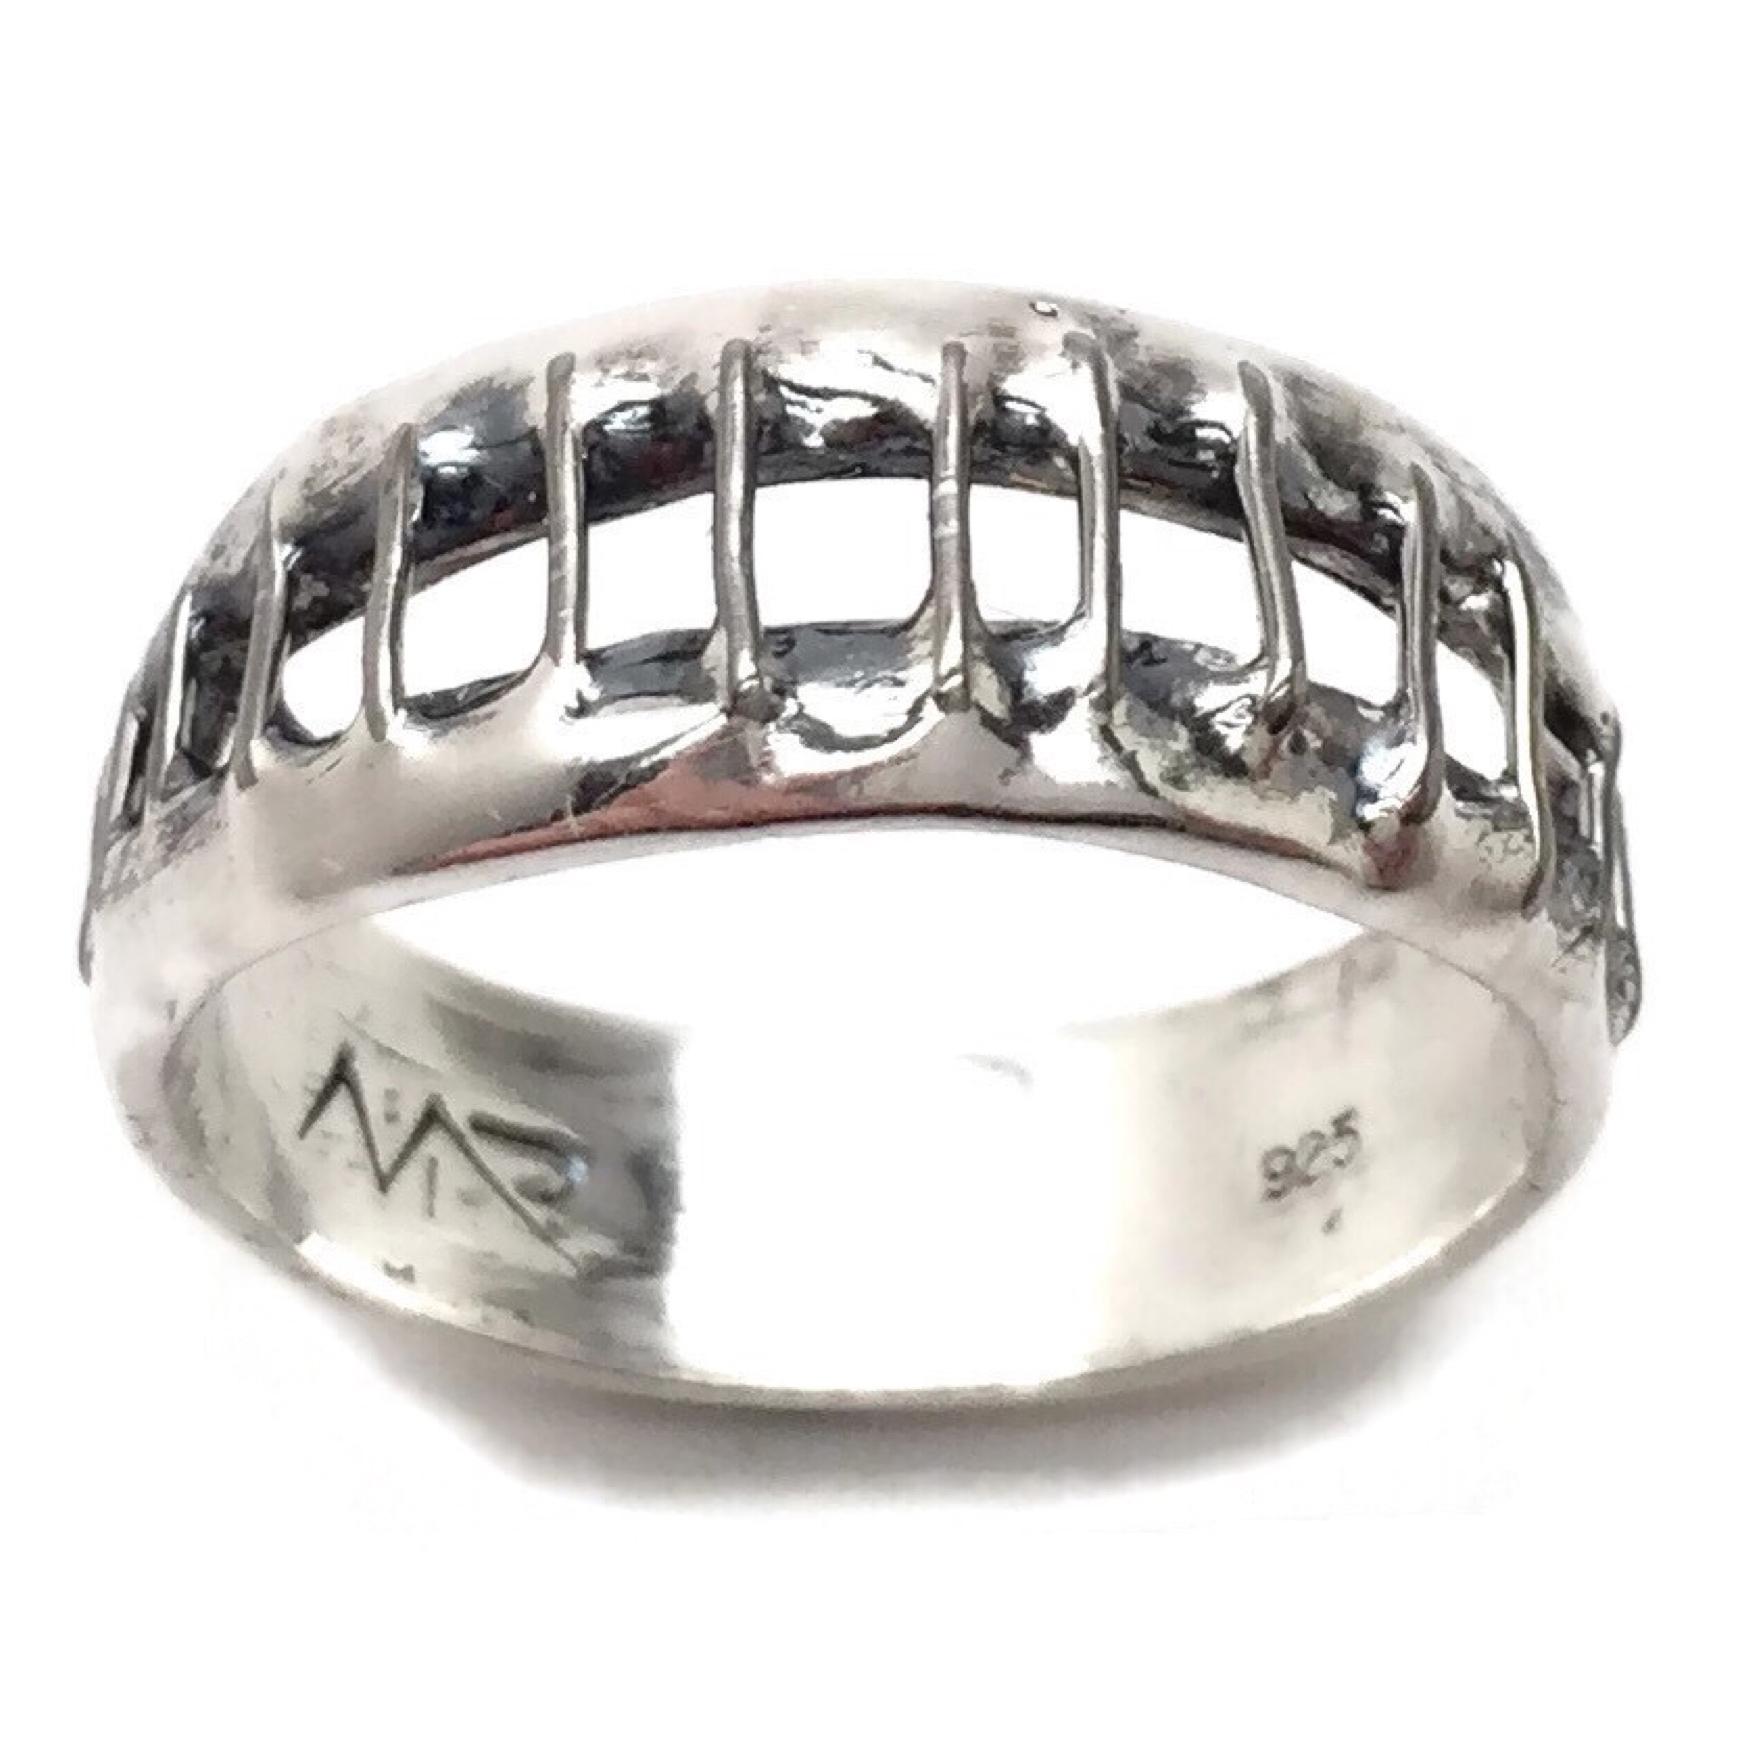 Sonia Staple Ring.JPG